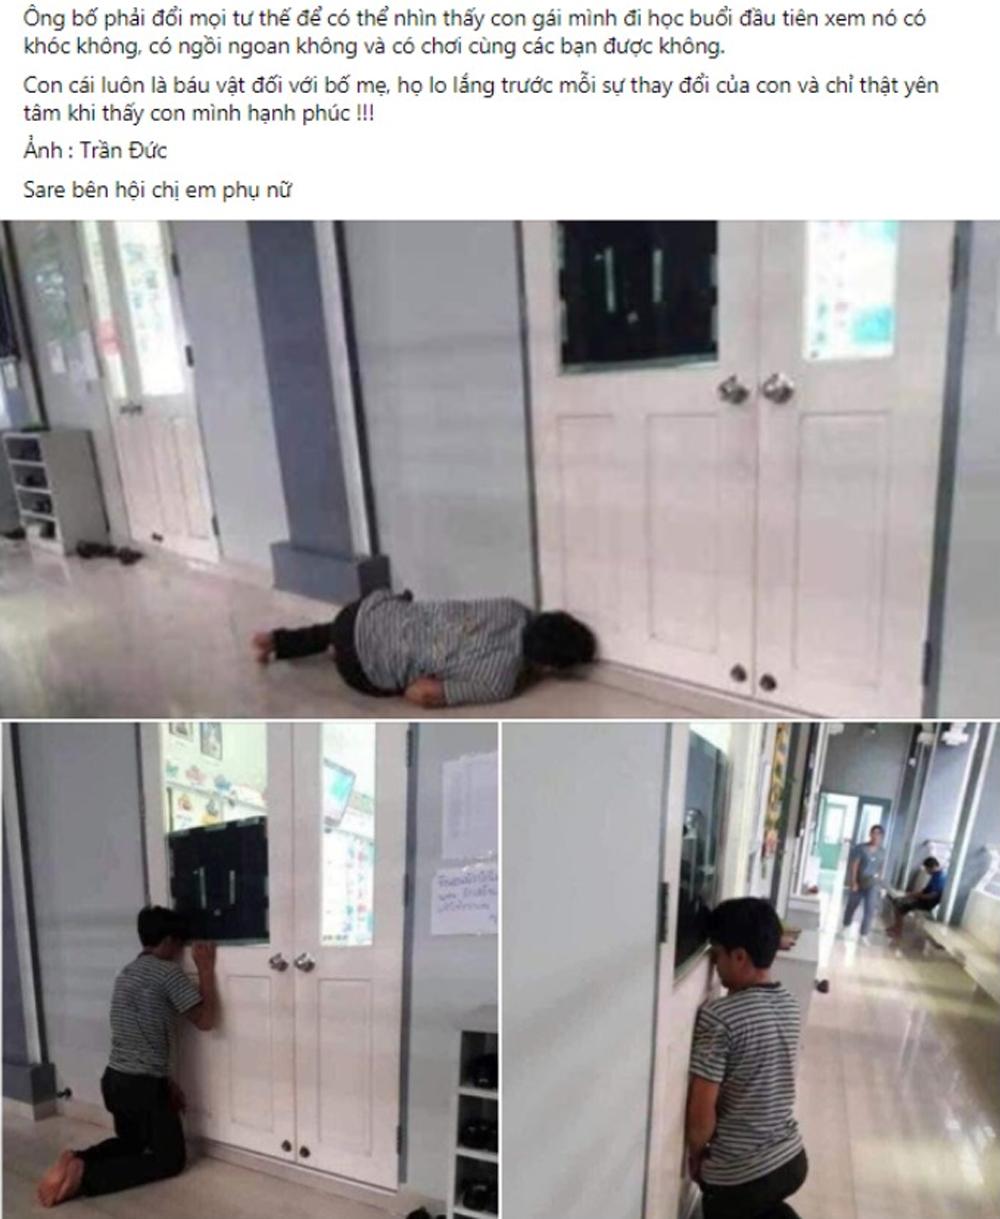 Ông bố rình con gái trong ngày đầu đến lớp